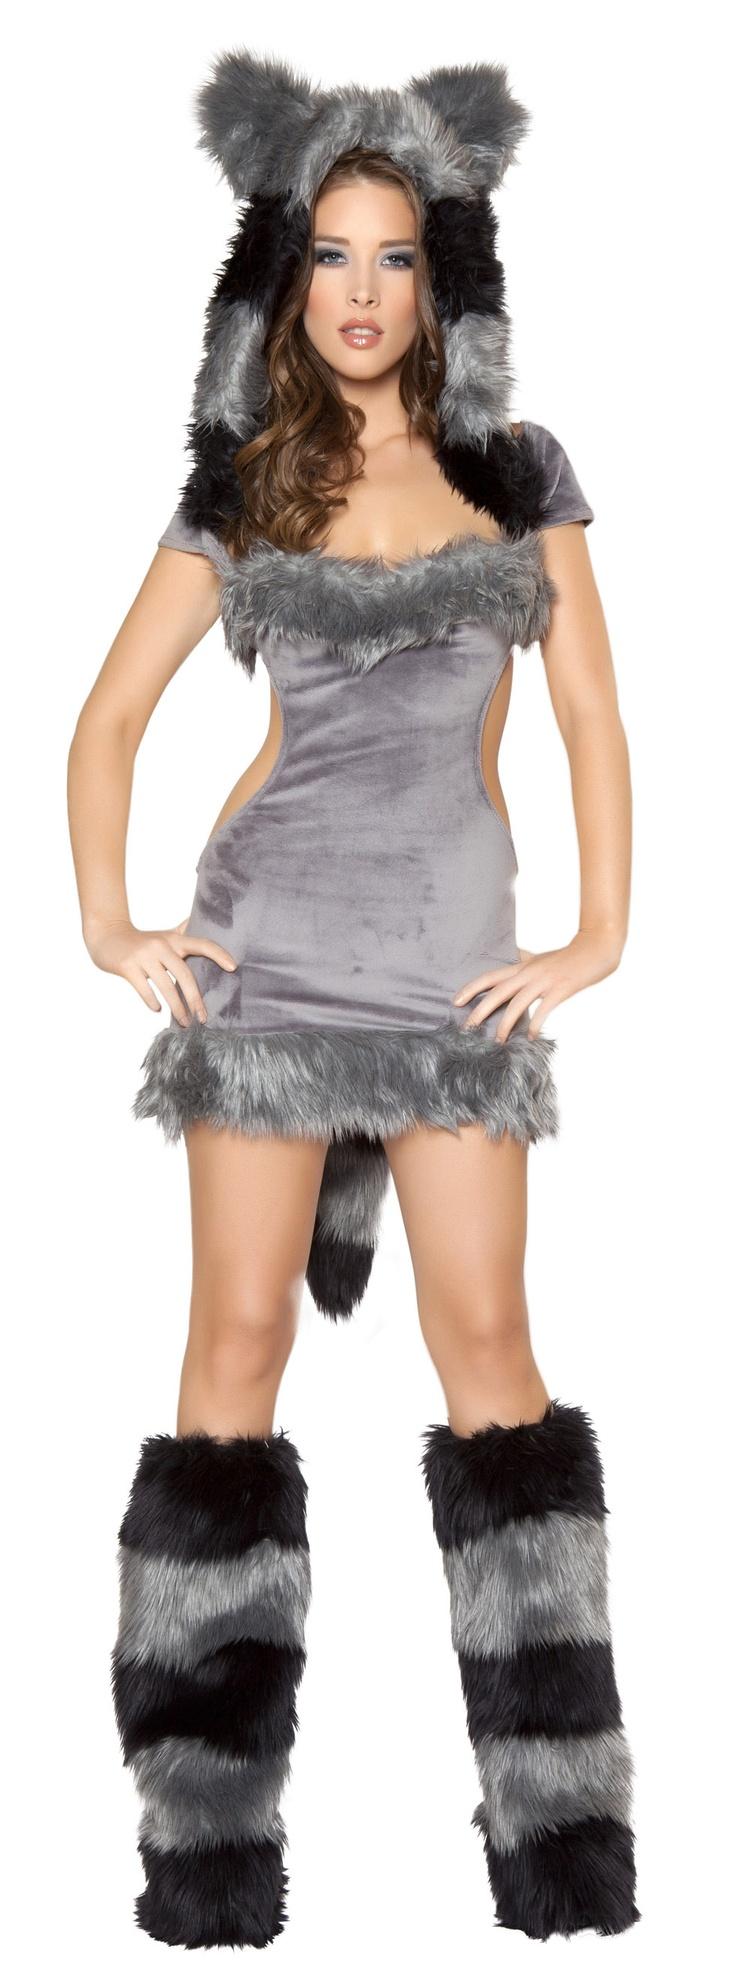 Halloween diy raccoon costumeitem mooburymoobury